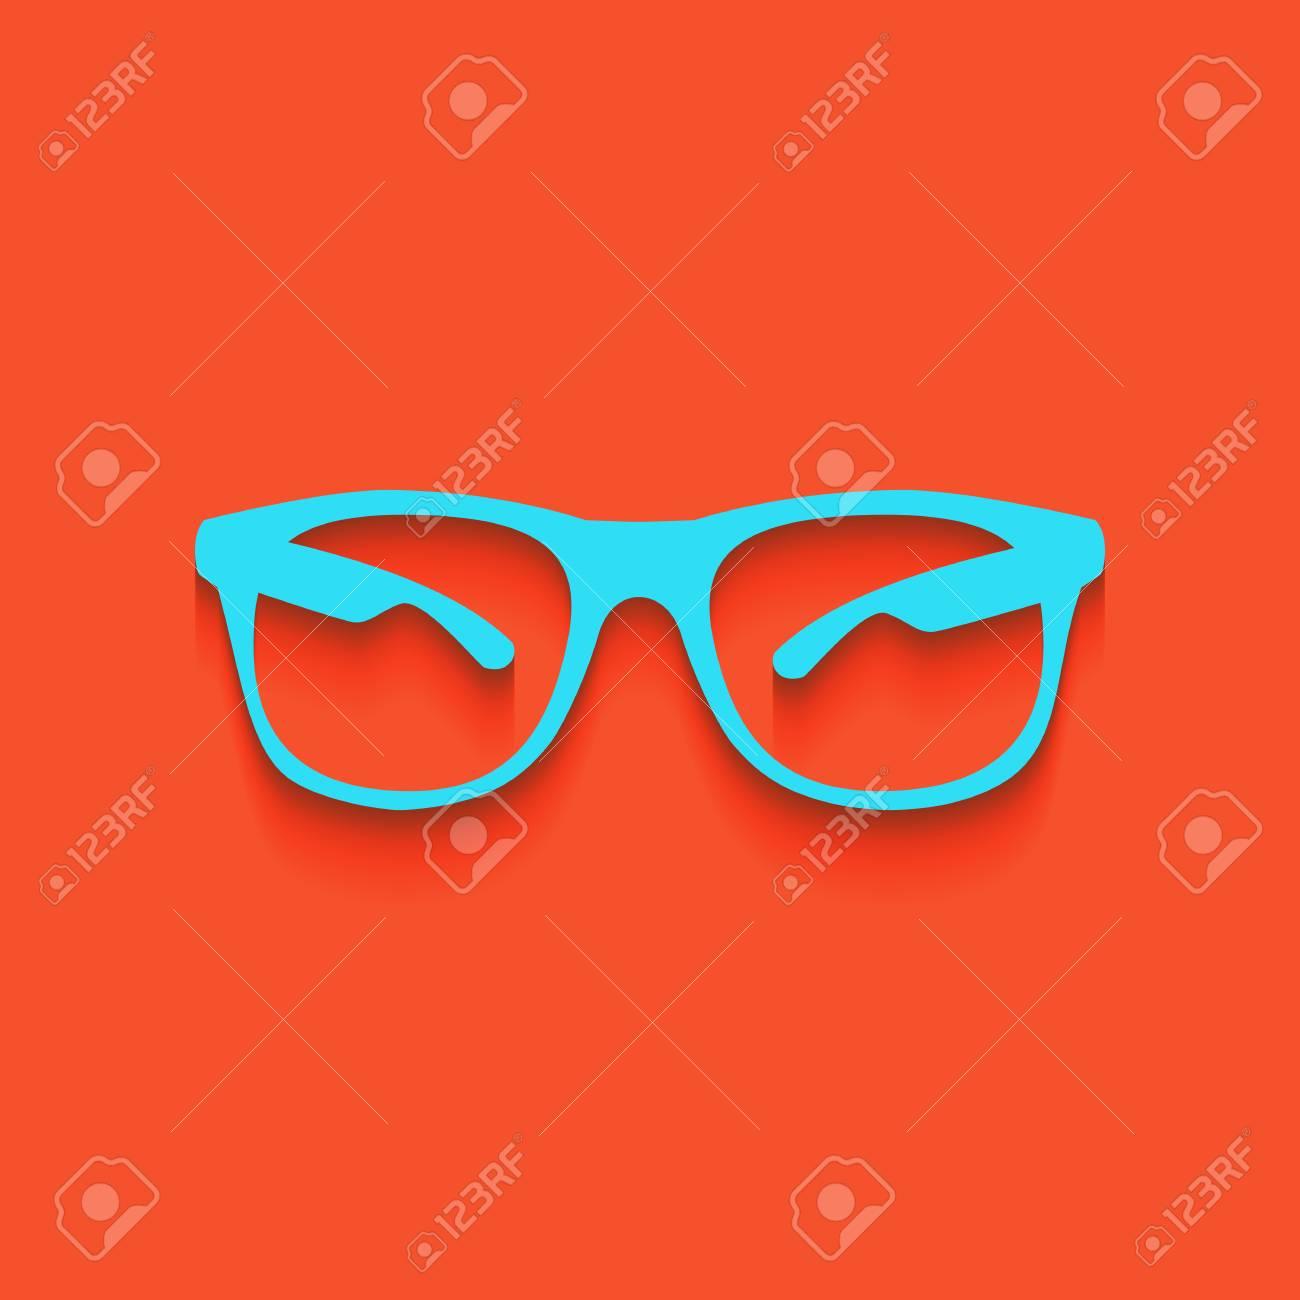 53f763f7233835 Banque d images - Illustration de signe de lunettes de soleil. Vecteur.  L icône blanchâtre sur le mur de brique en tant que fond.